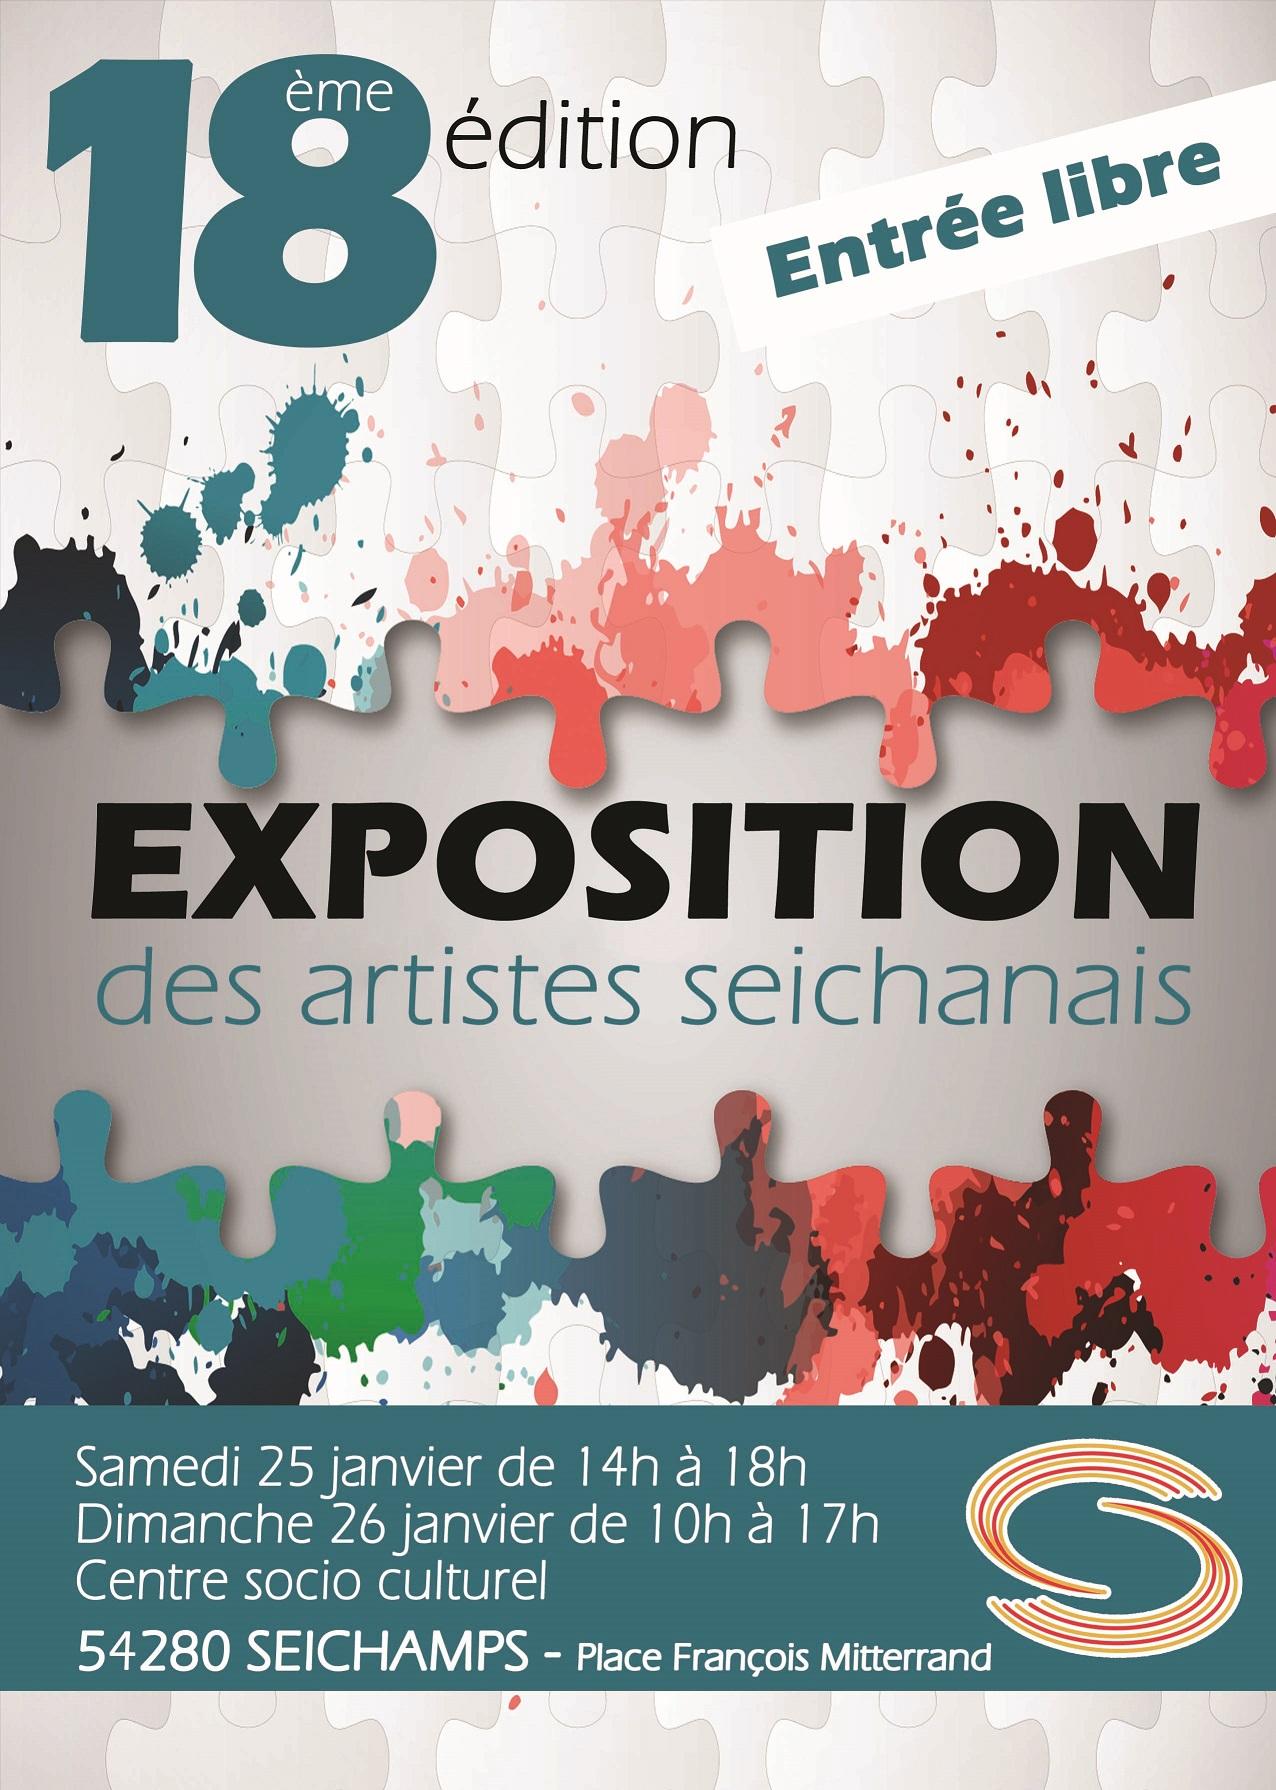 EXPOSITION 18EME EDITION DES ARTISTES SEICHANAIS Seichamps